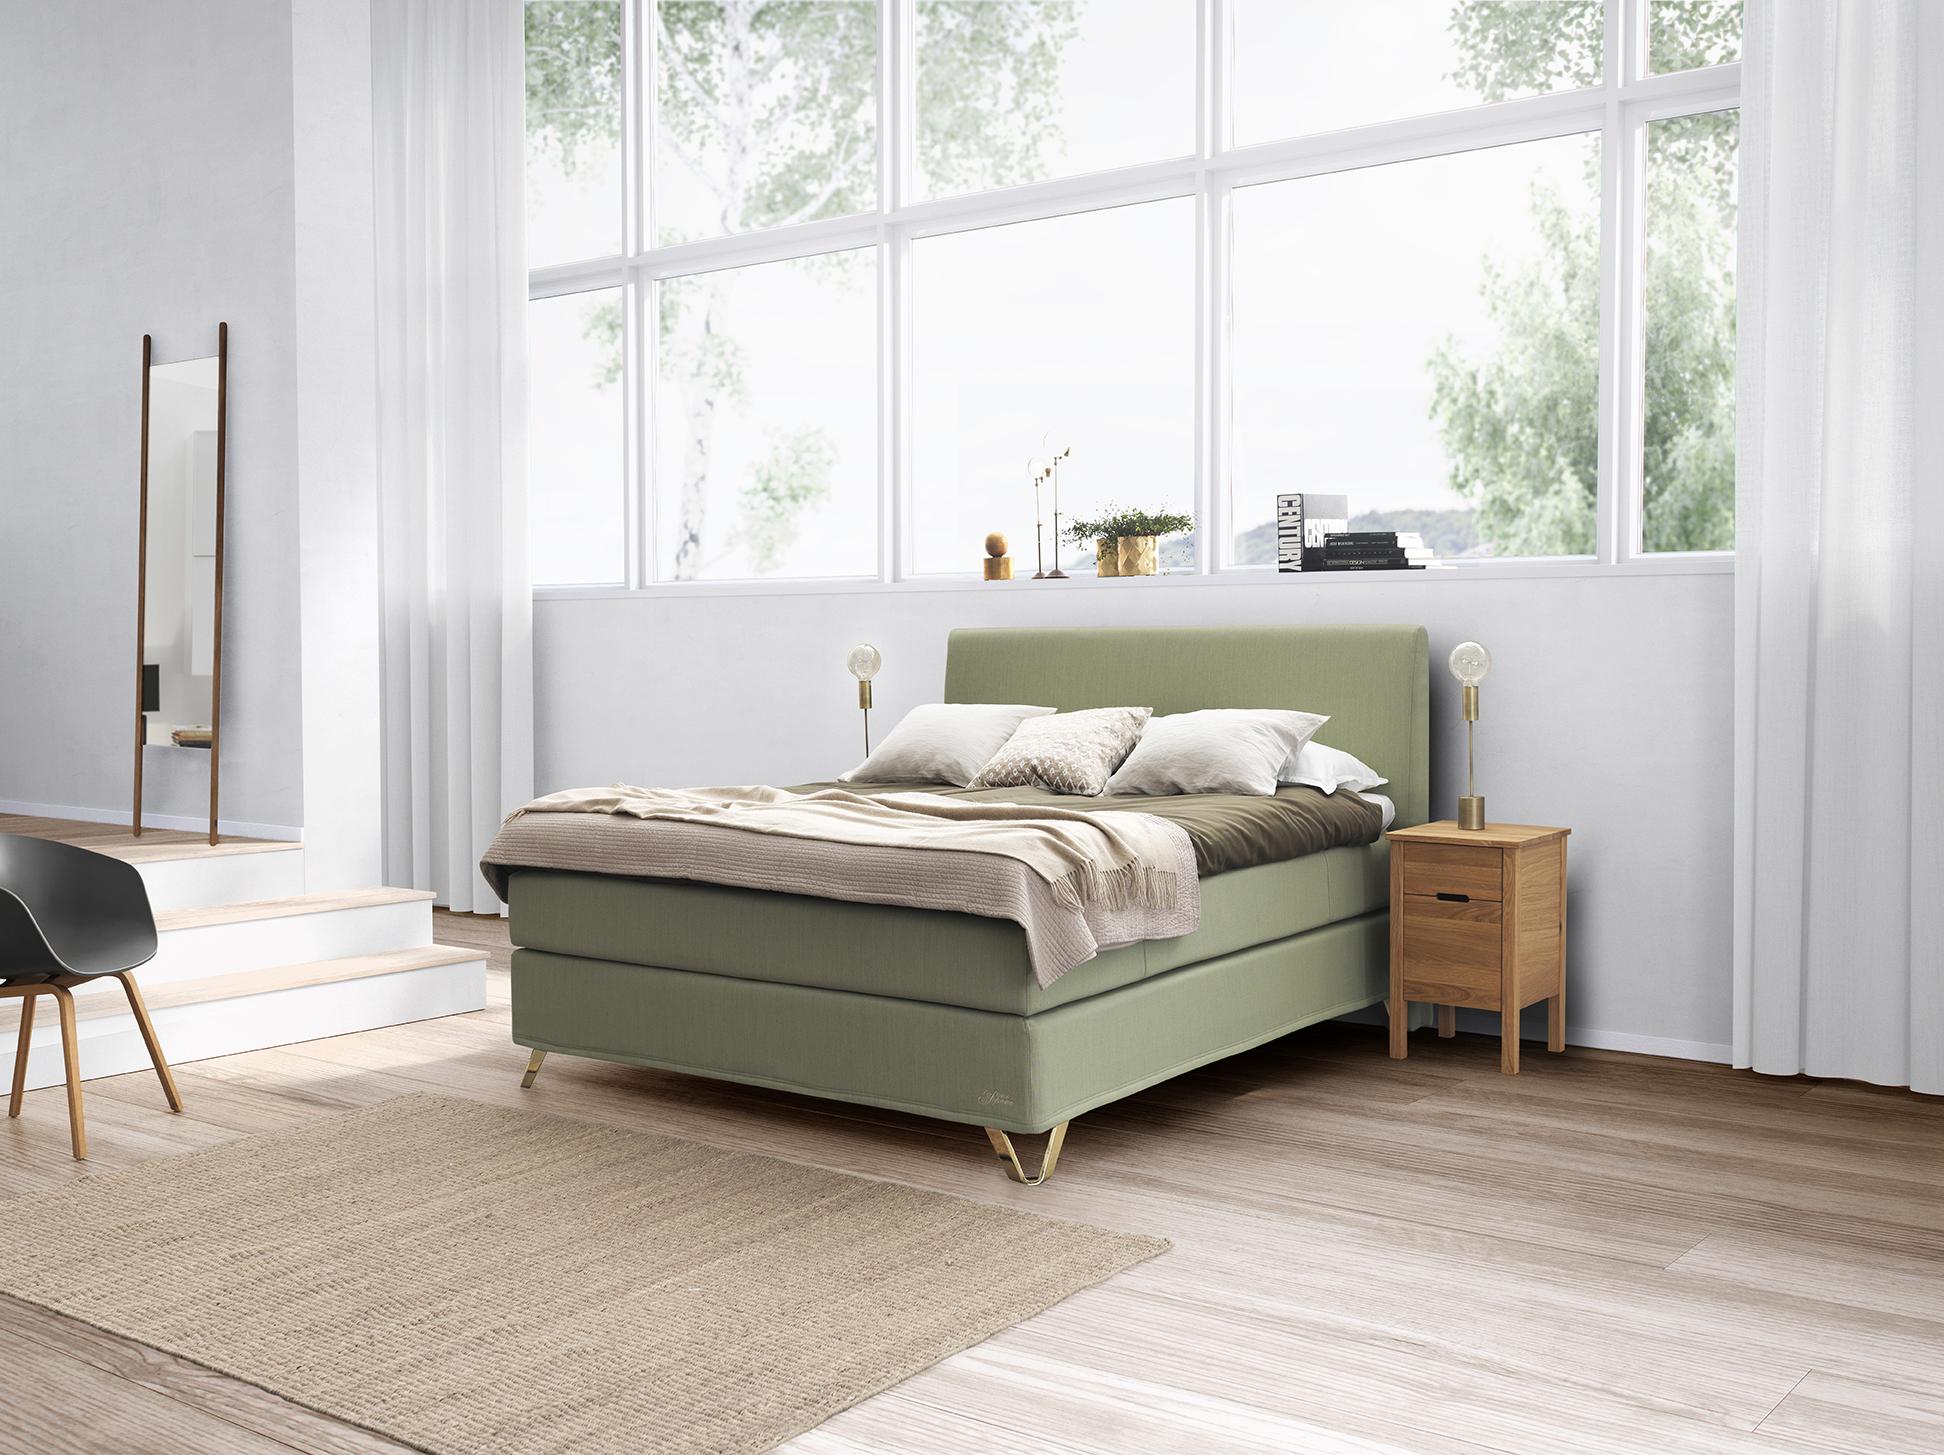 Tekstilet  Fairy green    på seng fra Jensen.